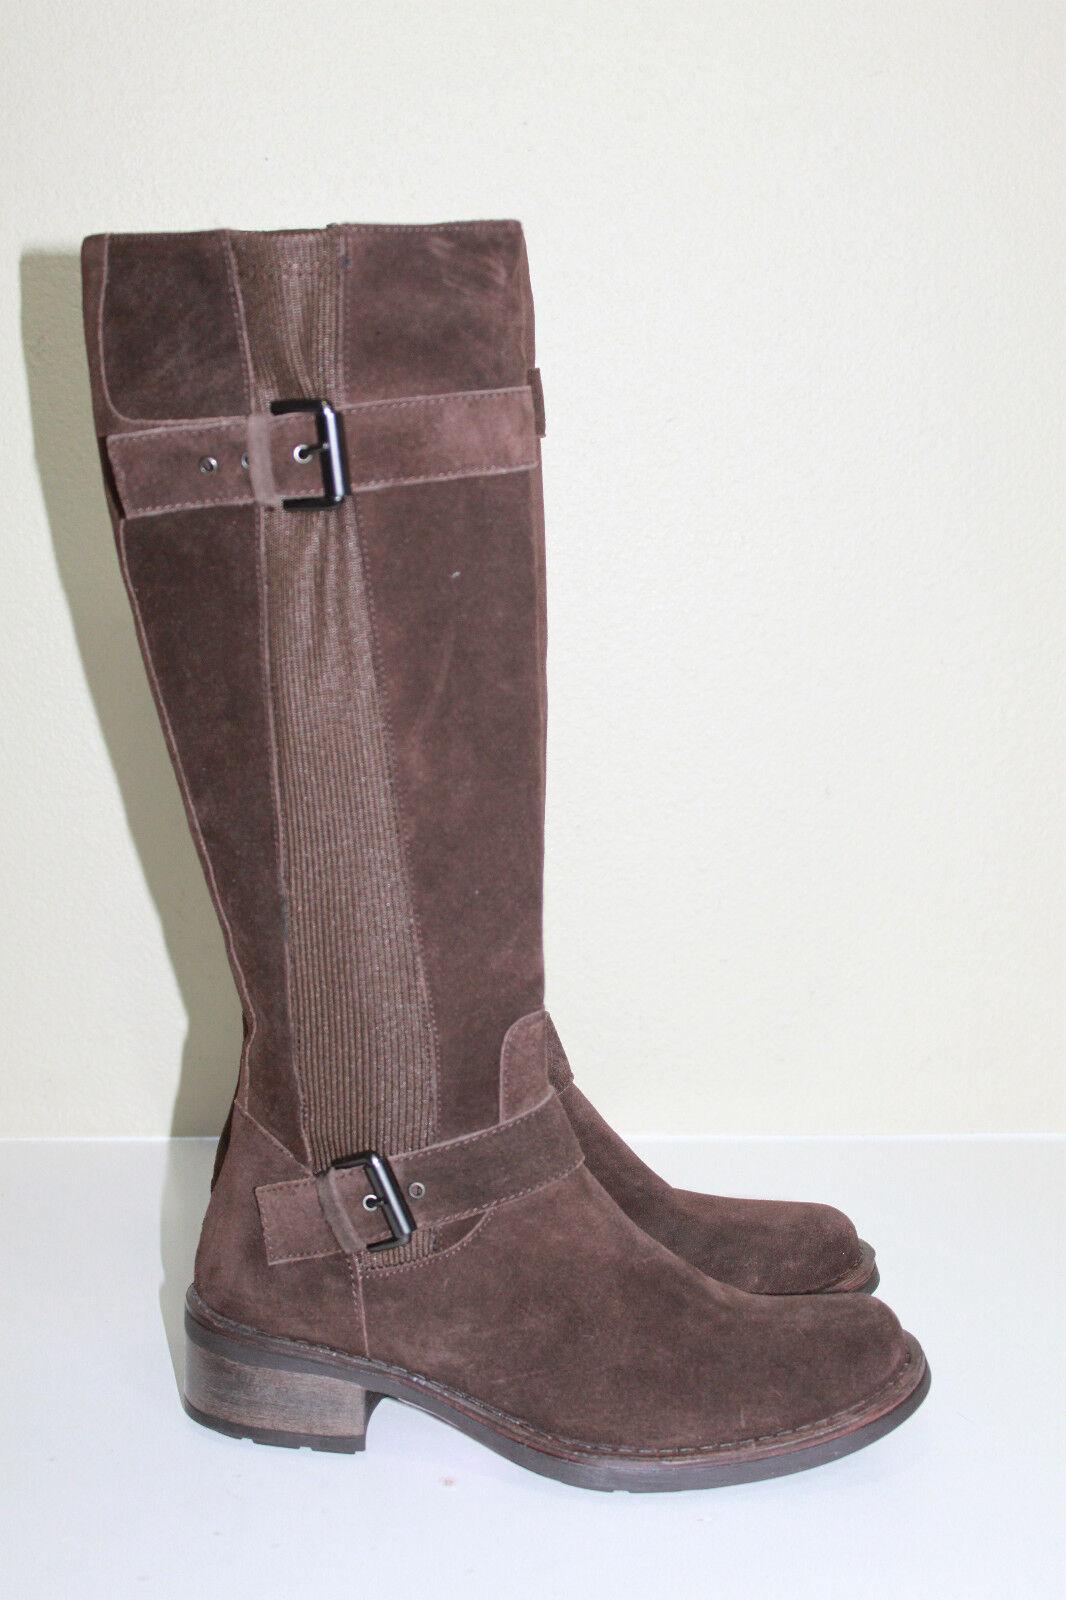 Nuevas Talla Talla Talla 6 Aquatalia By Marvin K Star resistente a la intemperie Gamuza Marrón Zapatos Bota  moda clasica